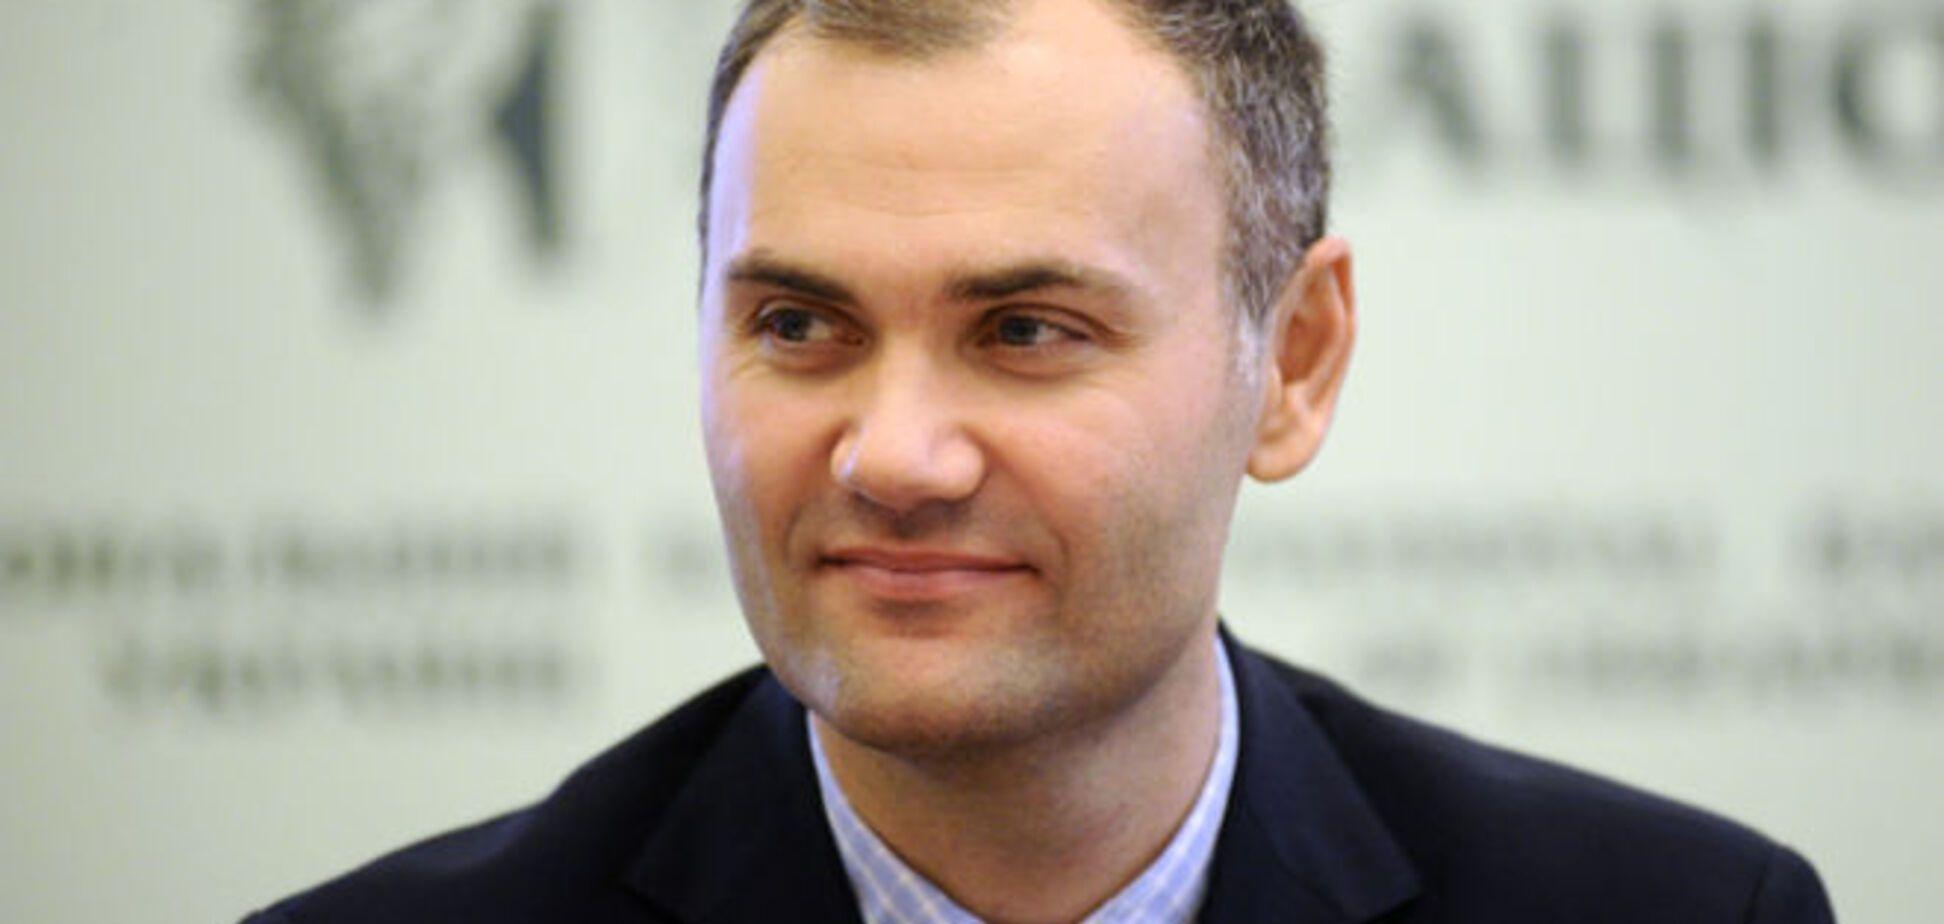 МВД подтвердило задержание Колобова, Генпрокуратура готовит документы об экстрадиции